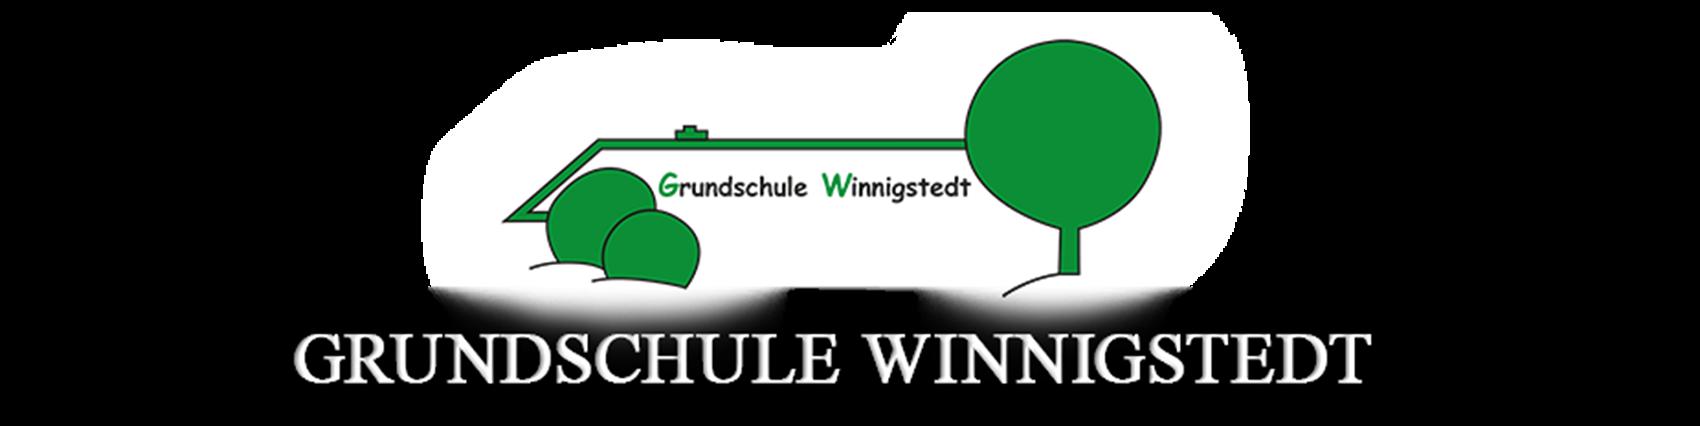 Grundschule Winnigstedt